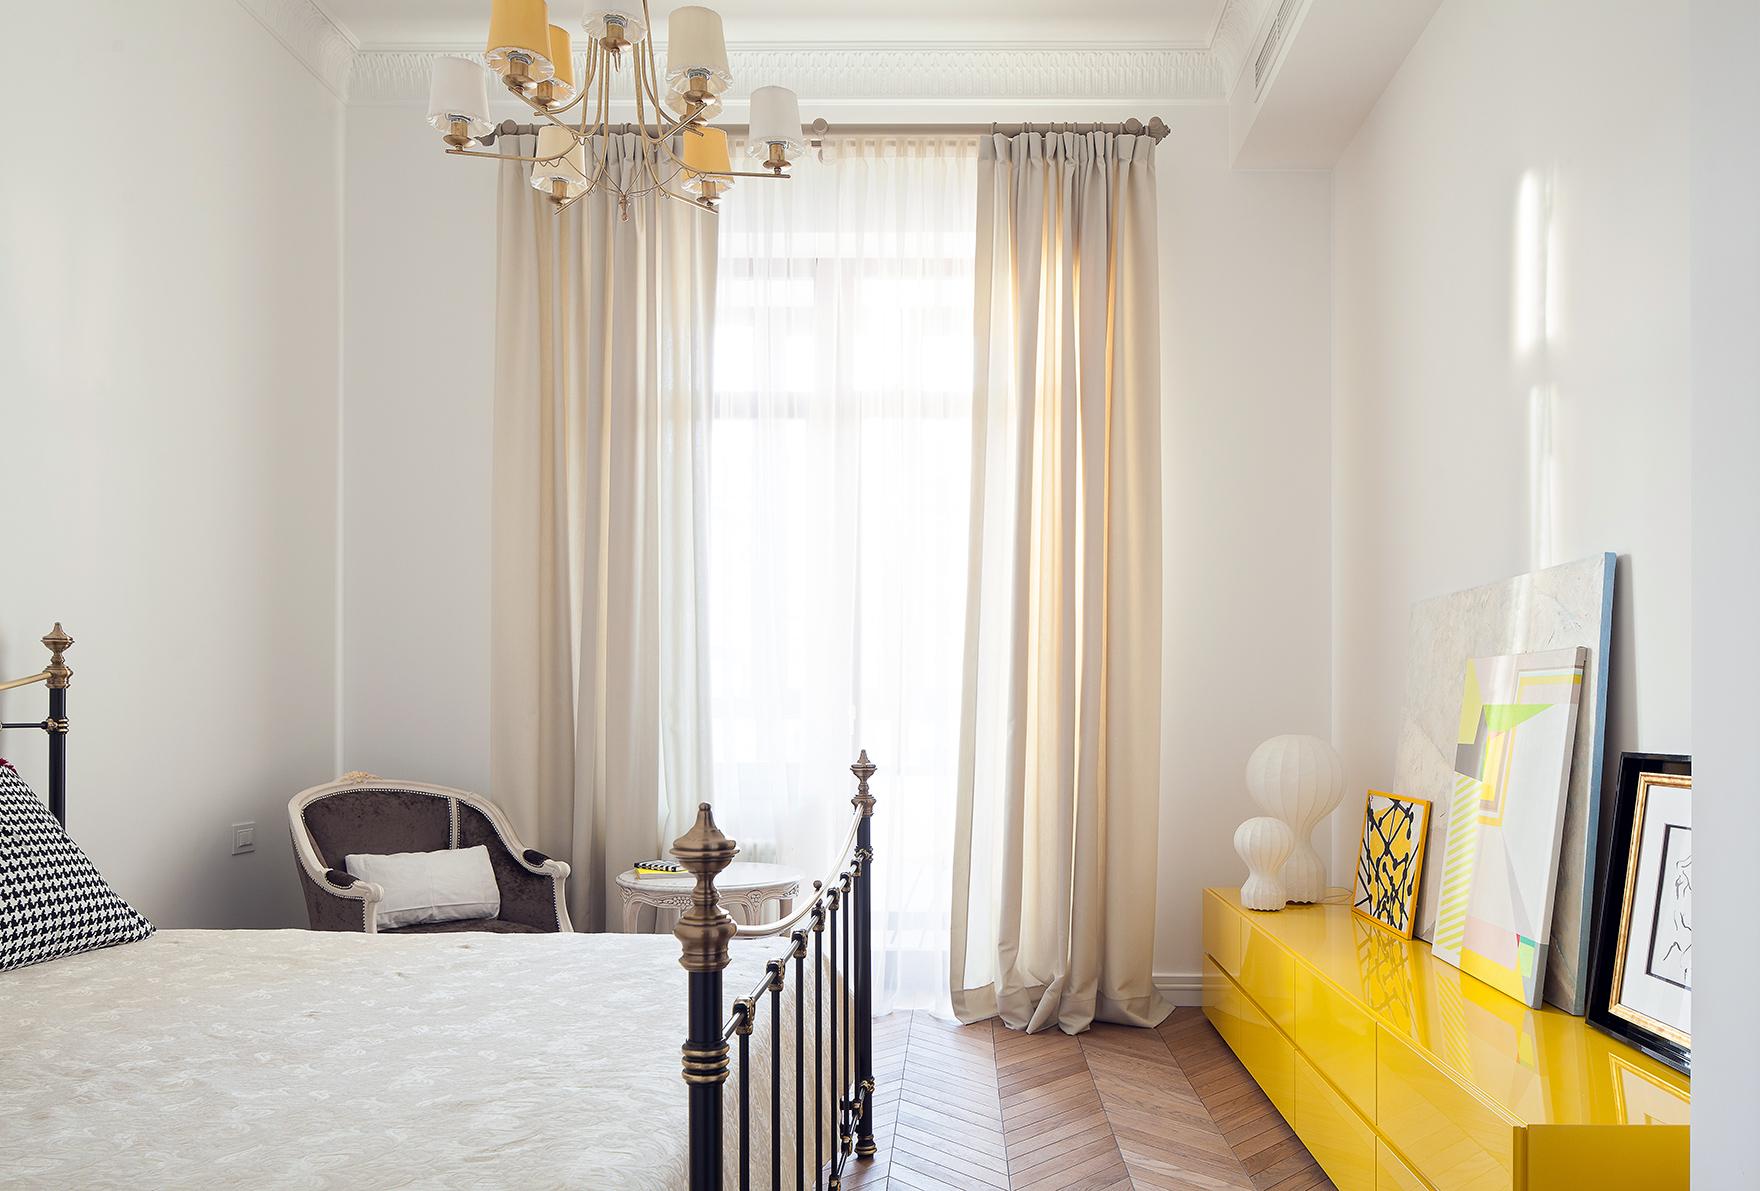 Маленькие спальни, выдержанные в светлых тонах, кажутся более просторными